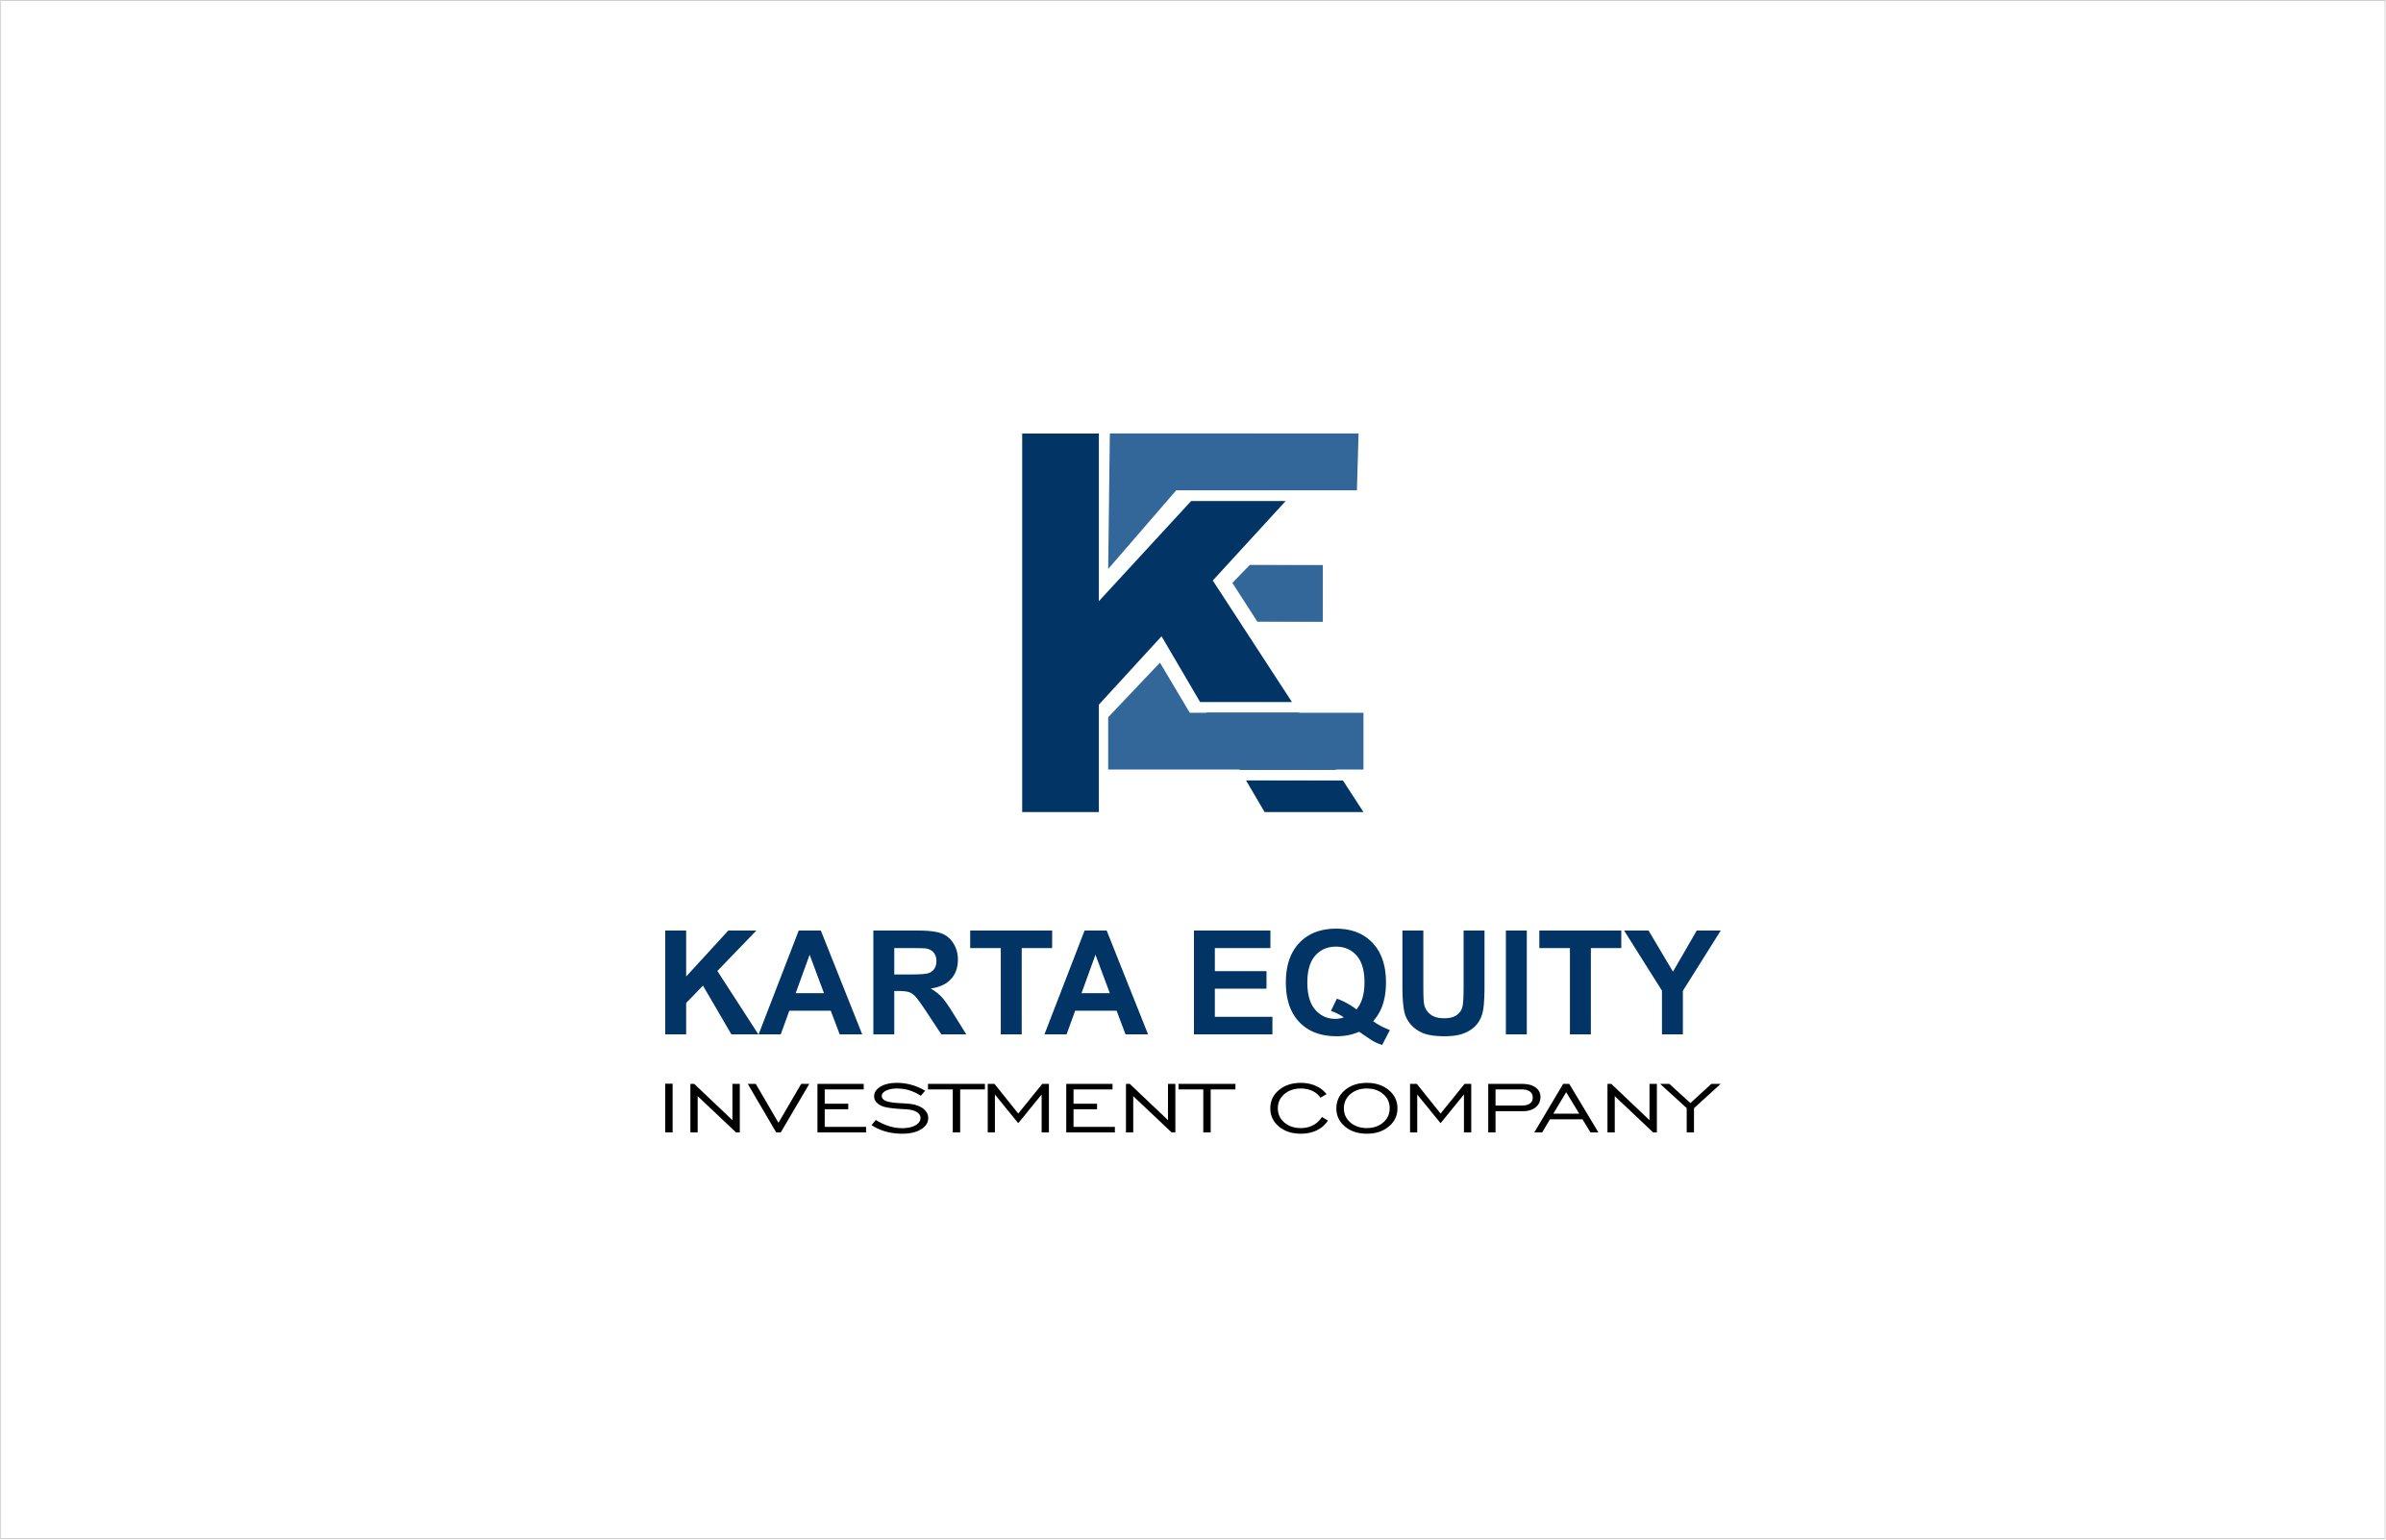 Логотип для компании инвестироваюшей в жилую недвижимость фото f_4175e1a609e5fe54.jpg